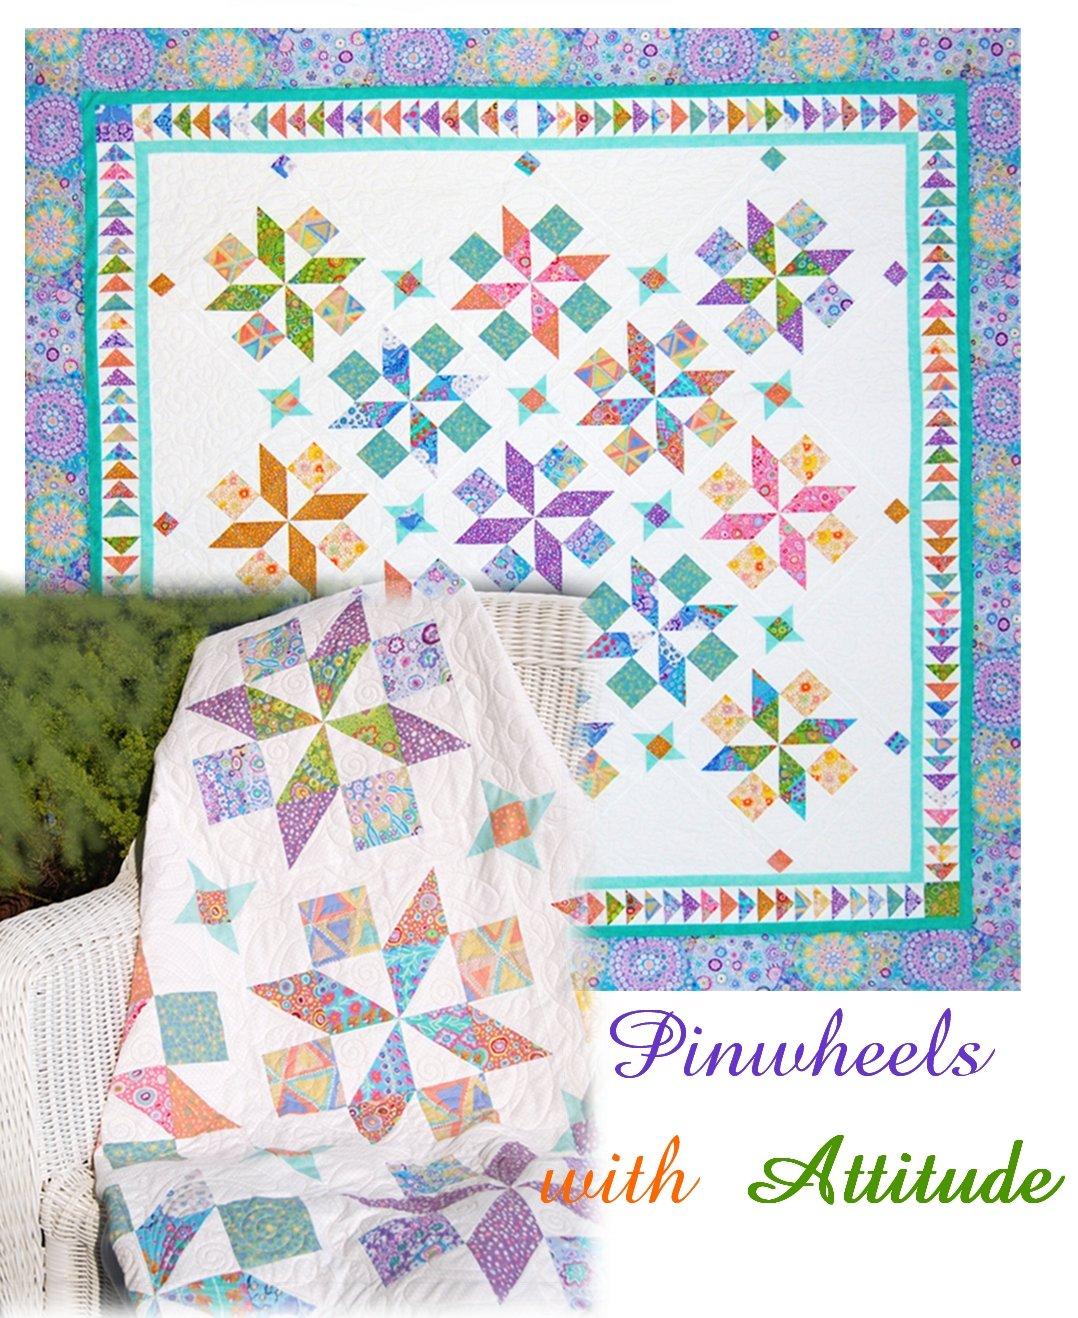 Pinwheels with Attitude